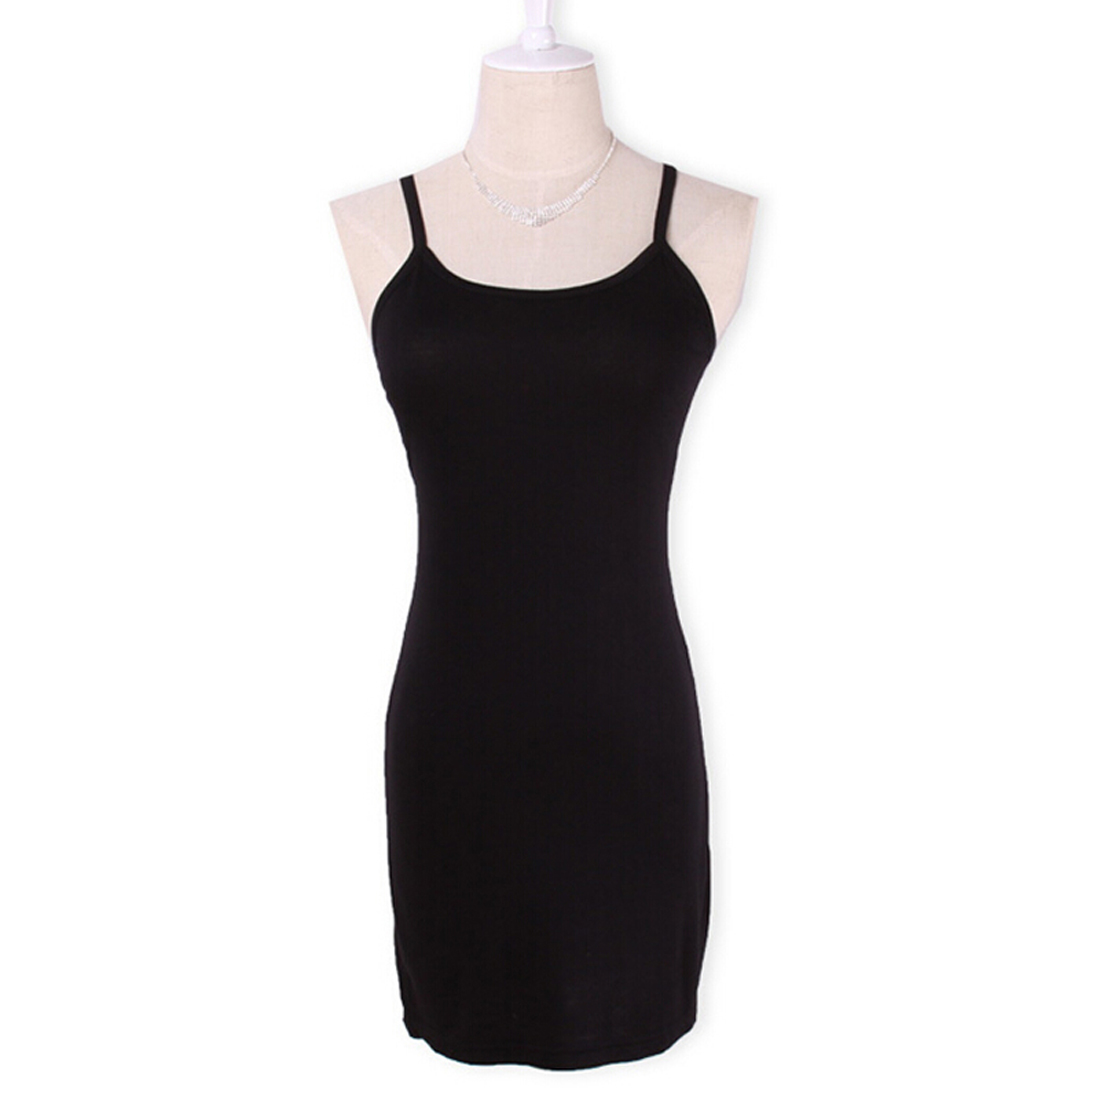 Новинка, Женская эластичная кофточка на бретельках, Длинный топ на бретелях, Мини Короткое платье, летнее повседневное сексуальное платье без рукавов для женщин - Цвет: Черный